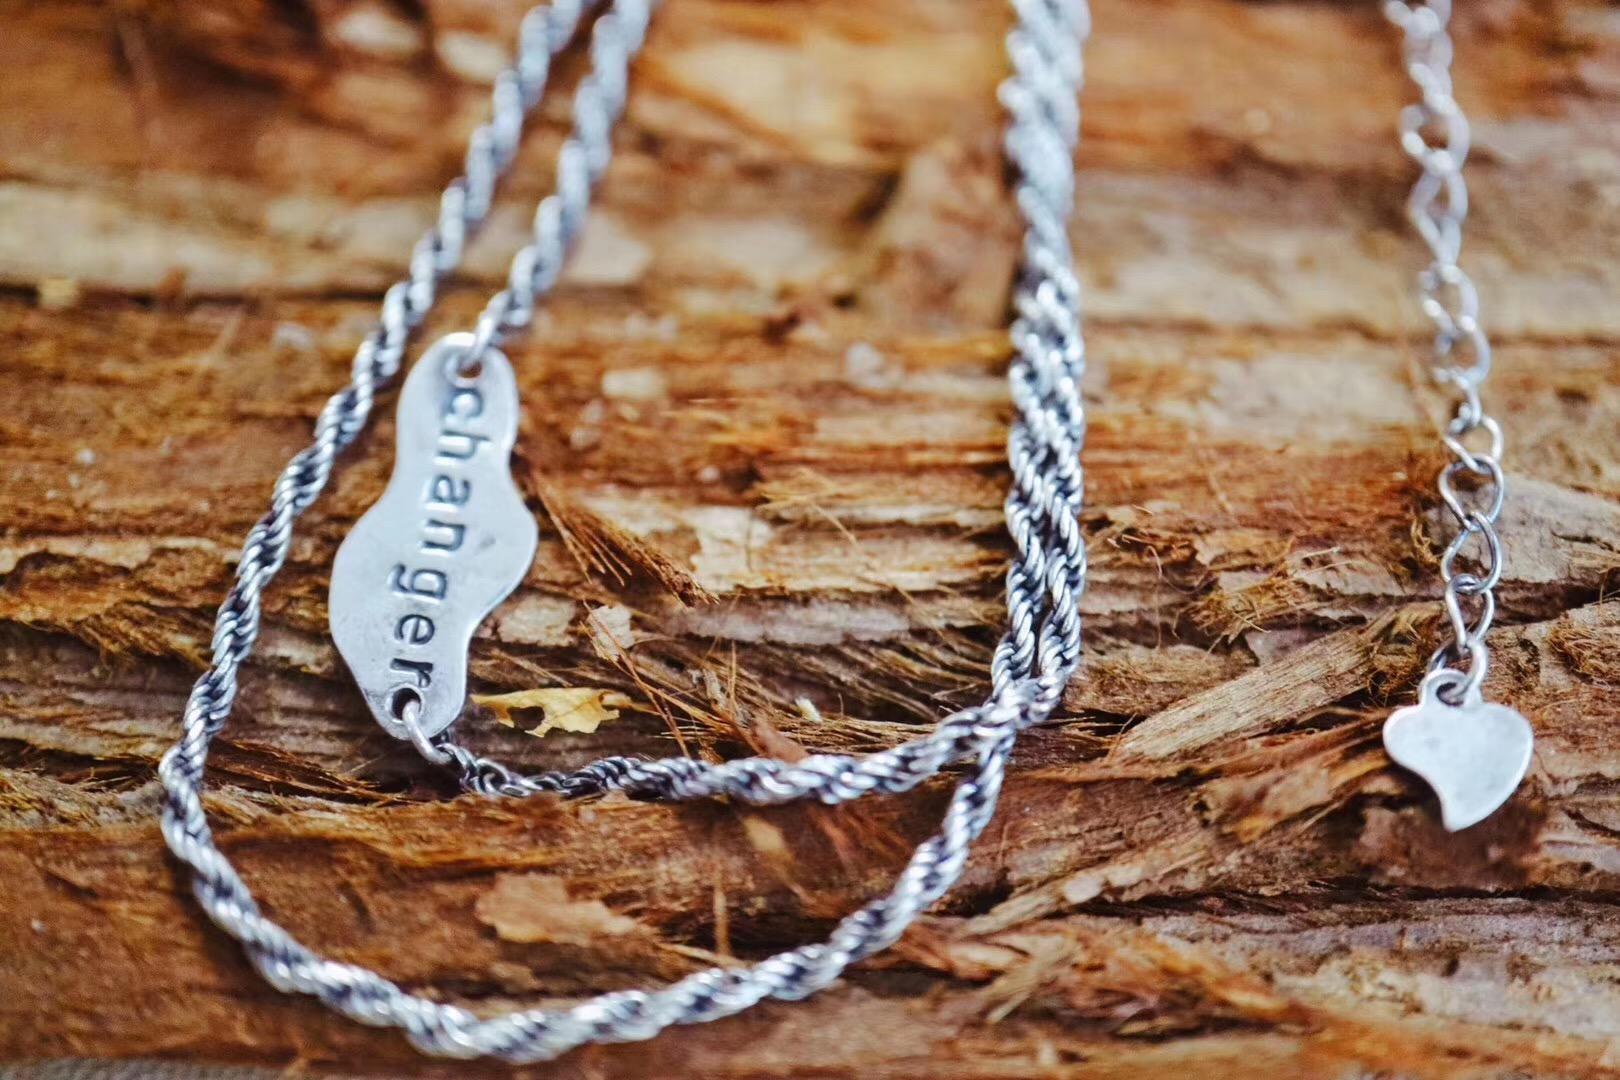 【菩心-捷克陨石】相爱的人结合为一体, 则是万古不移的真义-菩心晶舍